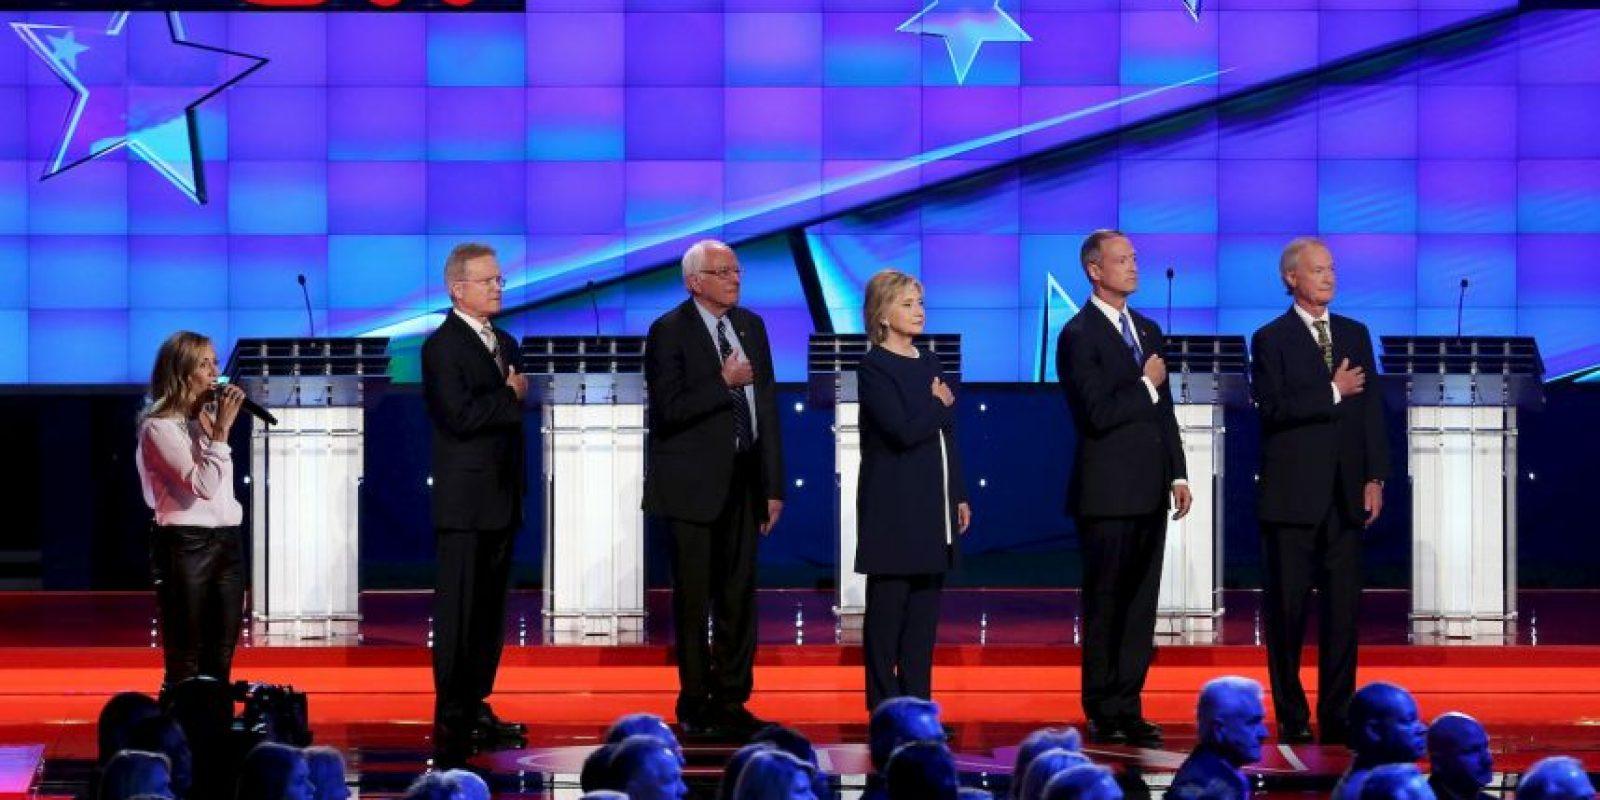 """El debate fue transmitido y estuvo a cargo de la cadena """"CNN"""". Foto:Getty Images"""